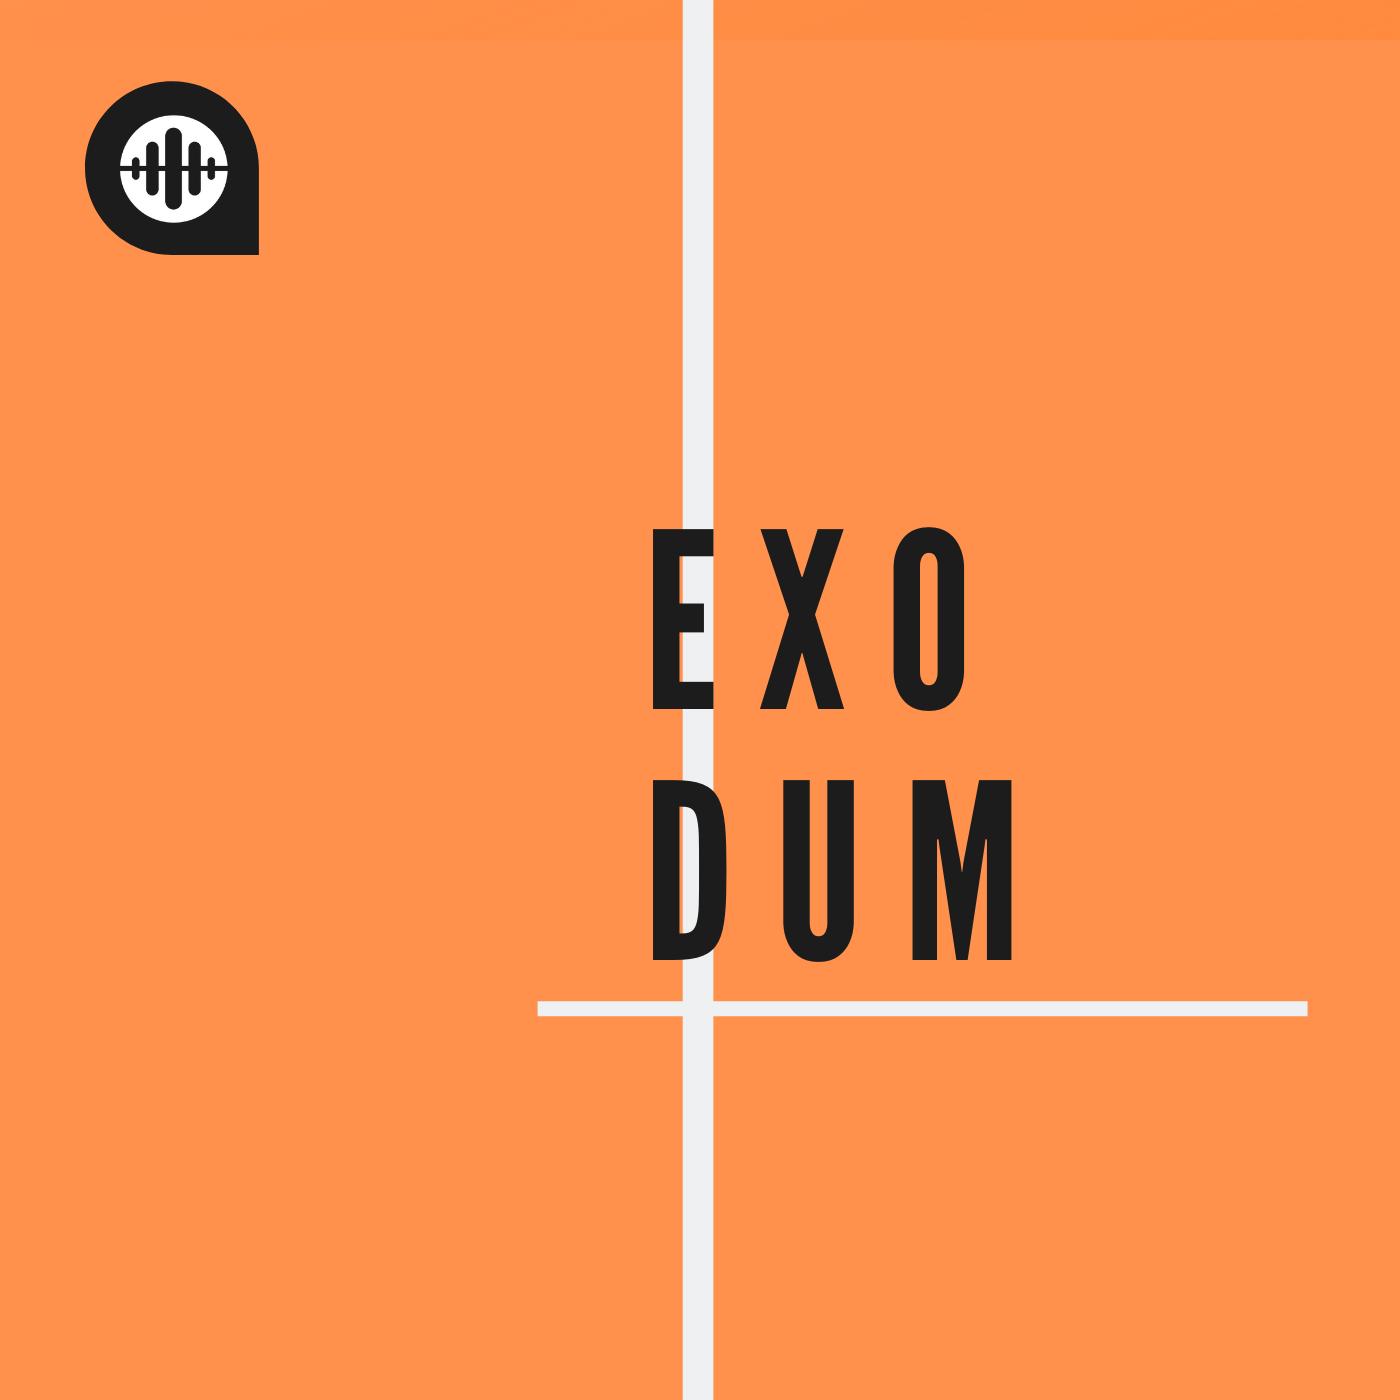 Exodum